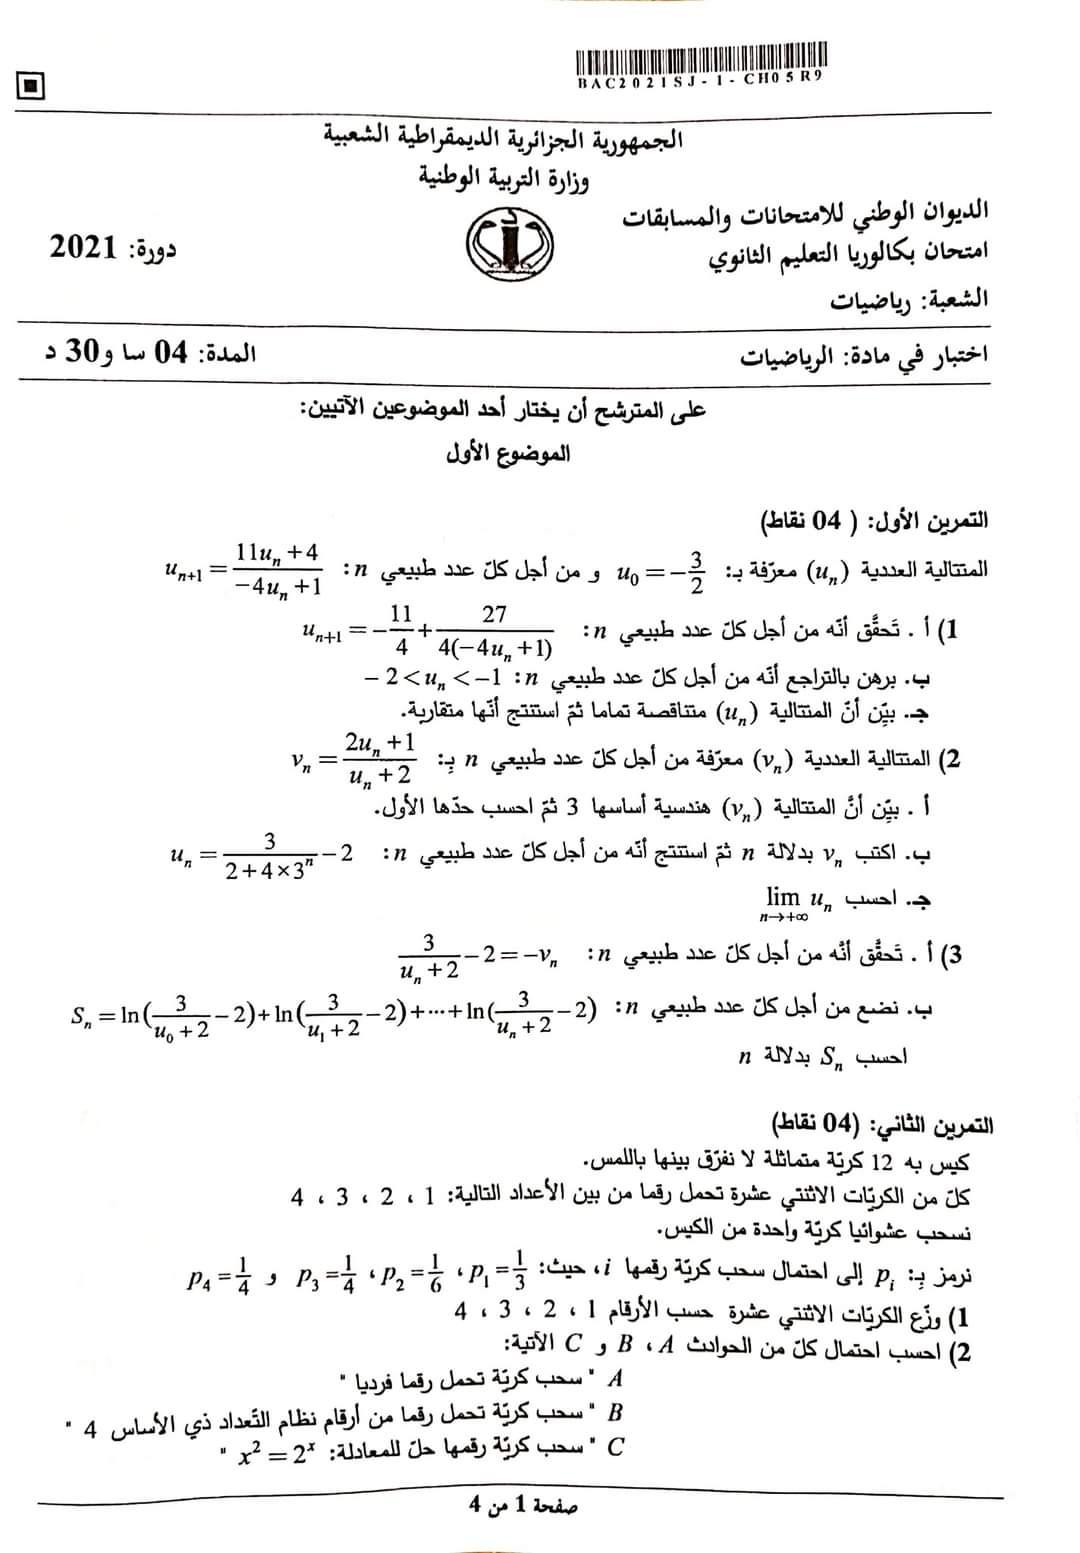 موضوع الرياضيات بكالوريا 2021 شعبة رياضيات